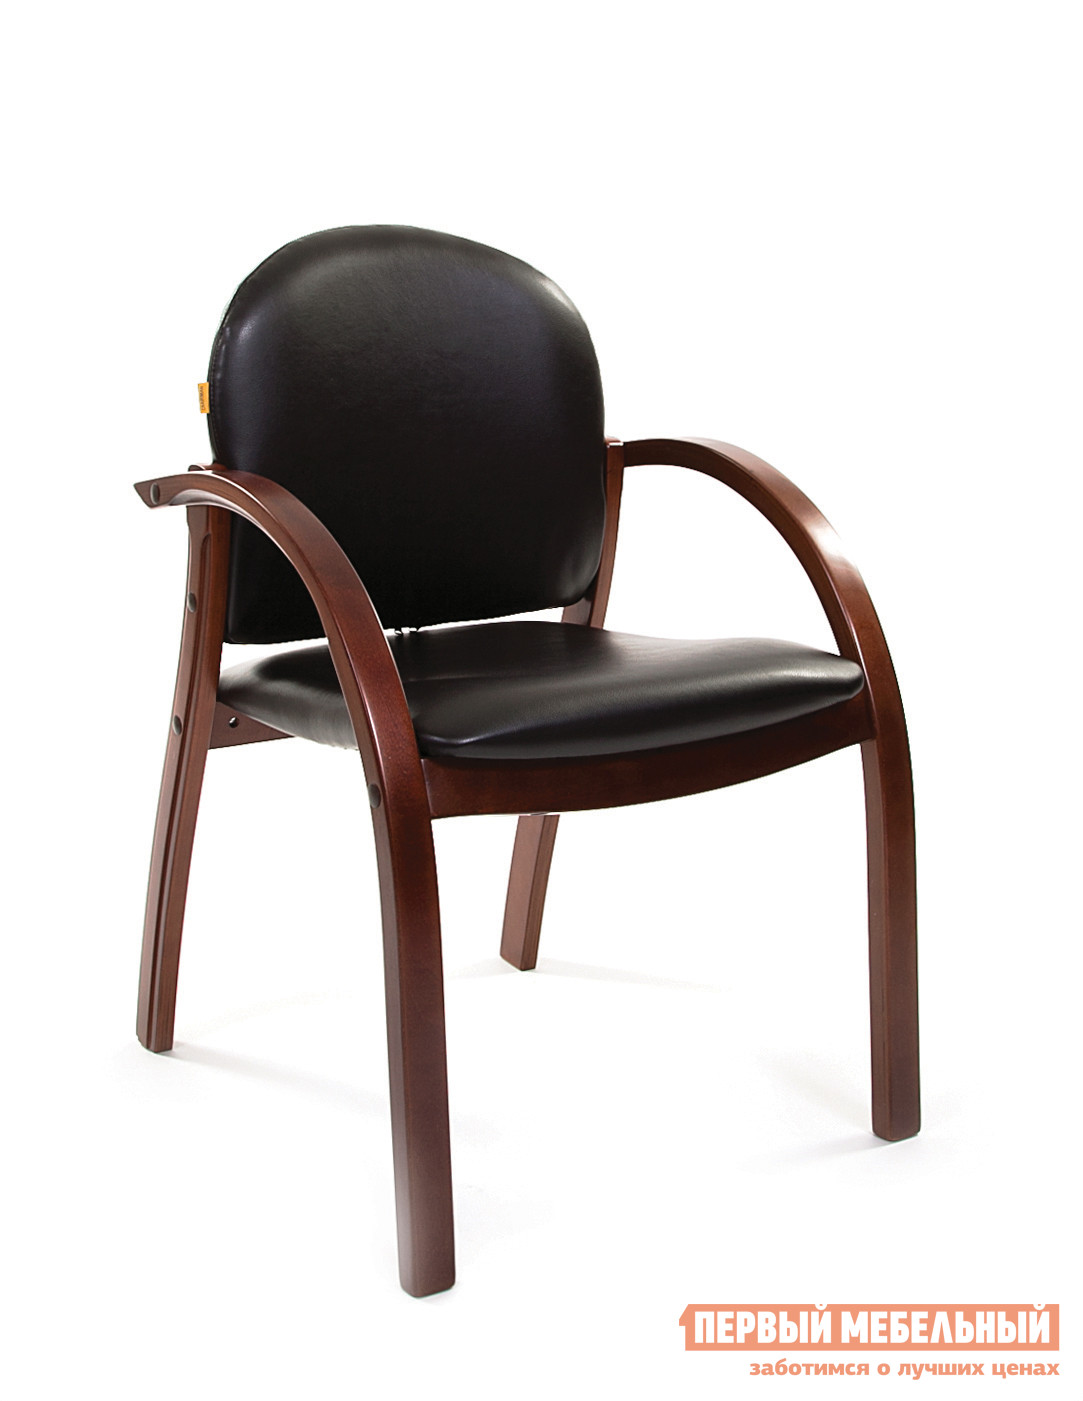 Офисный стул Chairman СH 659 Эко-кожа черная глянец